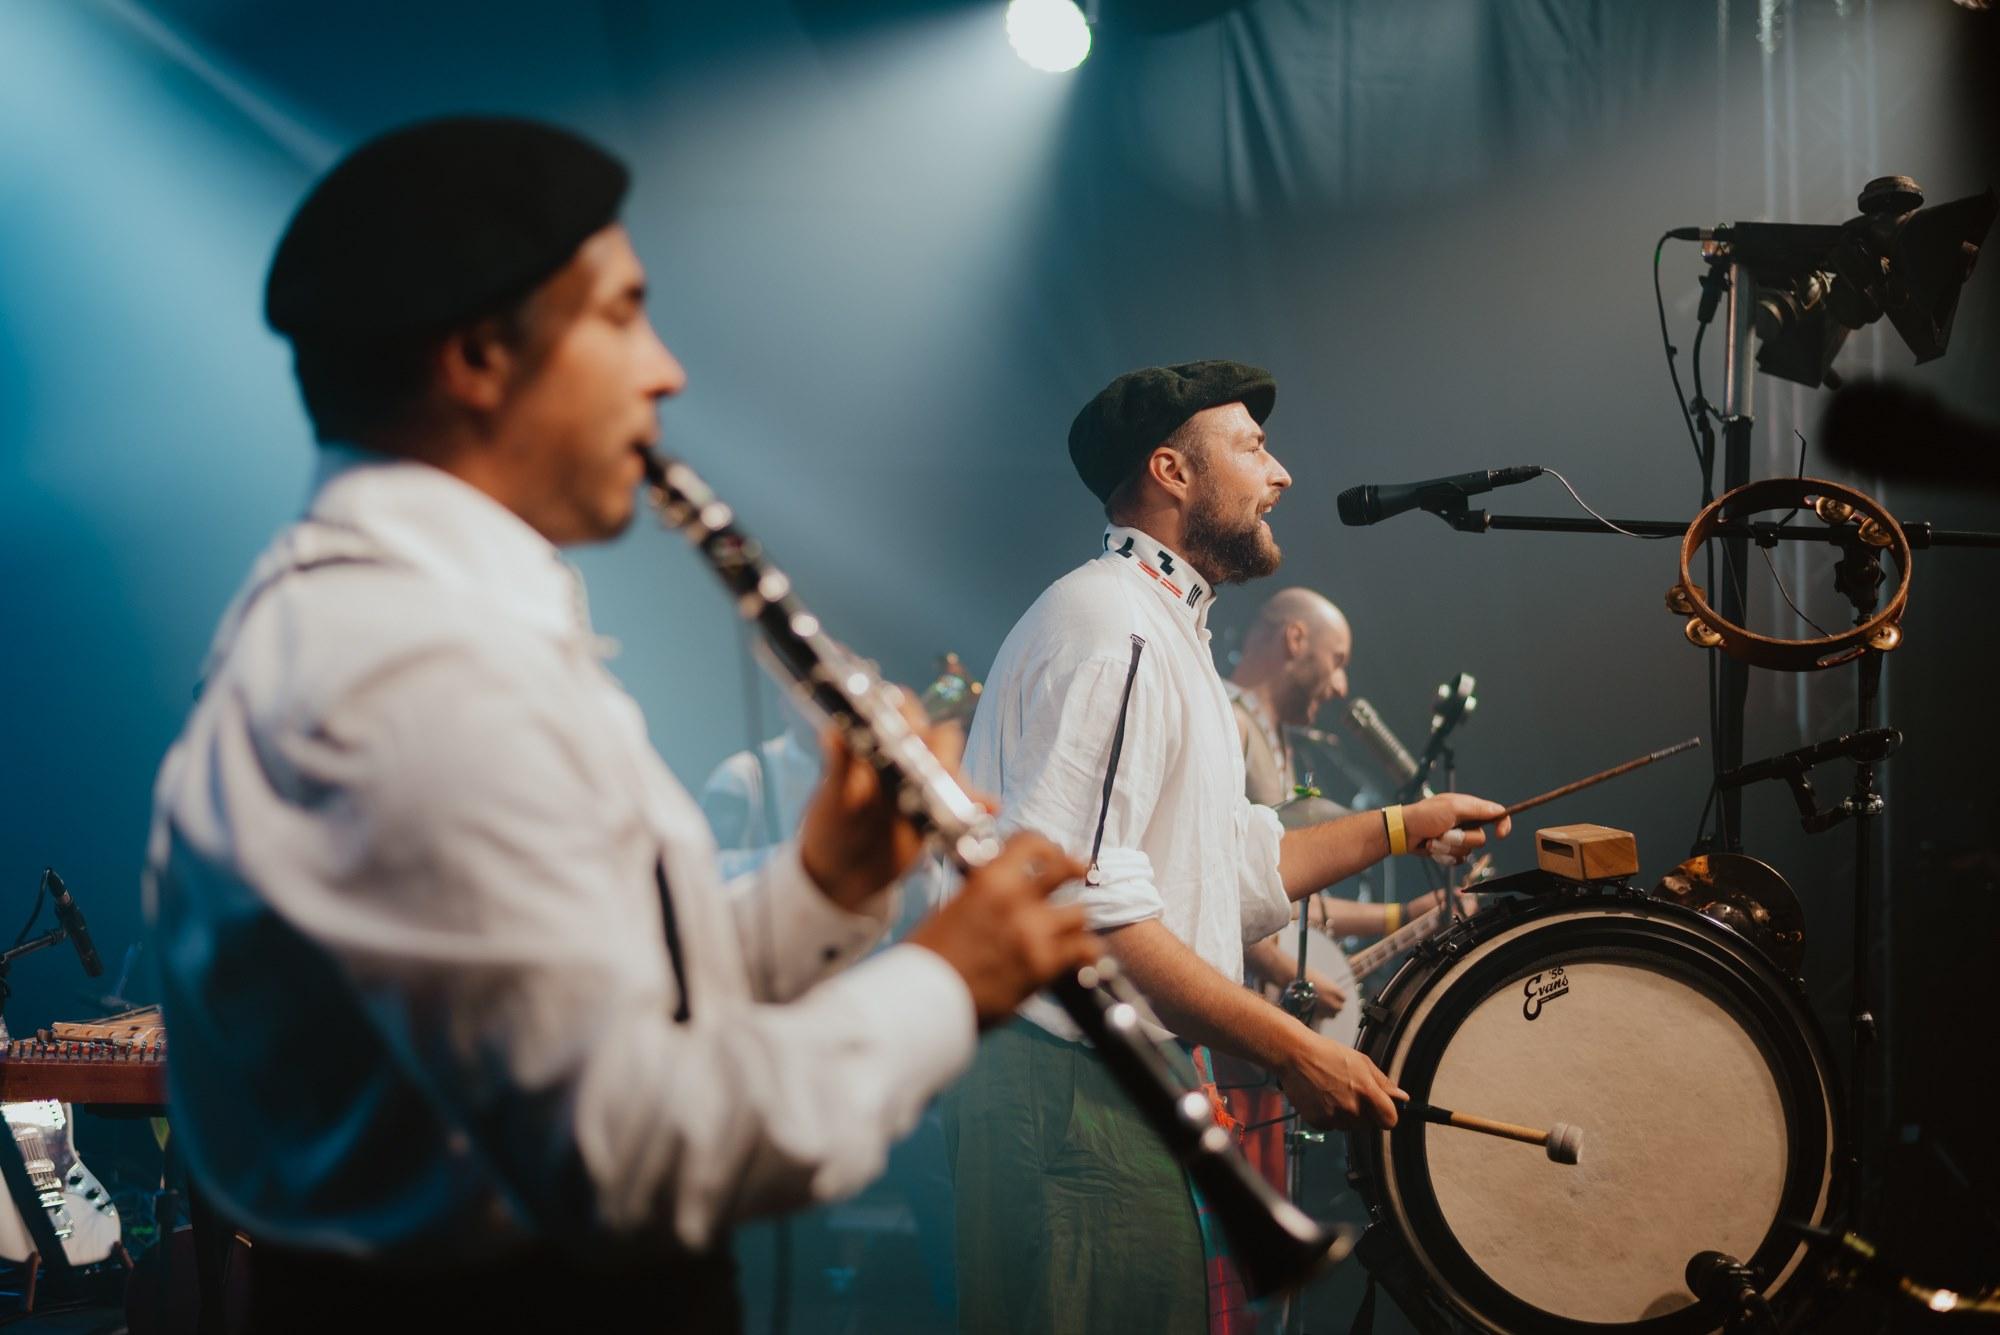 [Zdjęcie z koncertu zespołu Hańba. Mężczyźni w białych koszulach i ciemnych czapkach grający koncert na scenie. Głębia ostrości skupiona jest w centrum zdjęcia. Przedstawia mężczyznę śpiewającego do mikrofonu umieszczonego na statywie. W rękach trzyma pałeczki, którymi uderza w bębęn. Na statywie z mikrofonem zawieszony jest tamburyn. Na pierwszym planie, z lewej storny kadru, widać lekko rozmytą sylwetkę artysty grającego na klarnecie. Natomiast w tle widać rozmazaną postać bębniarza. Oświetlenie sceny jest w kolorze niebieskim.]